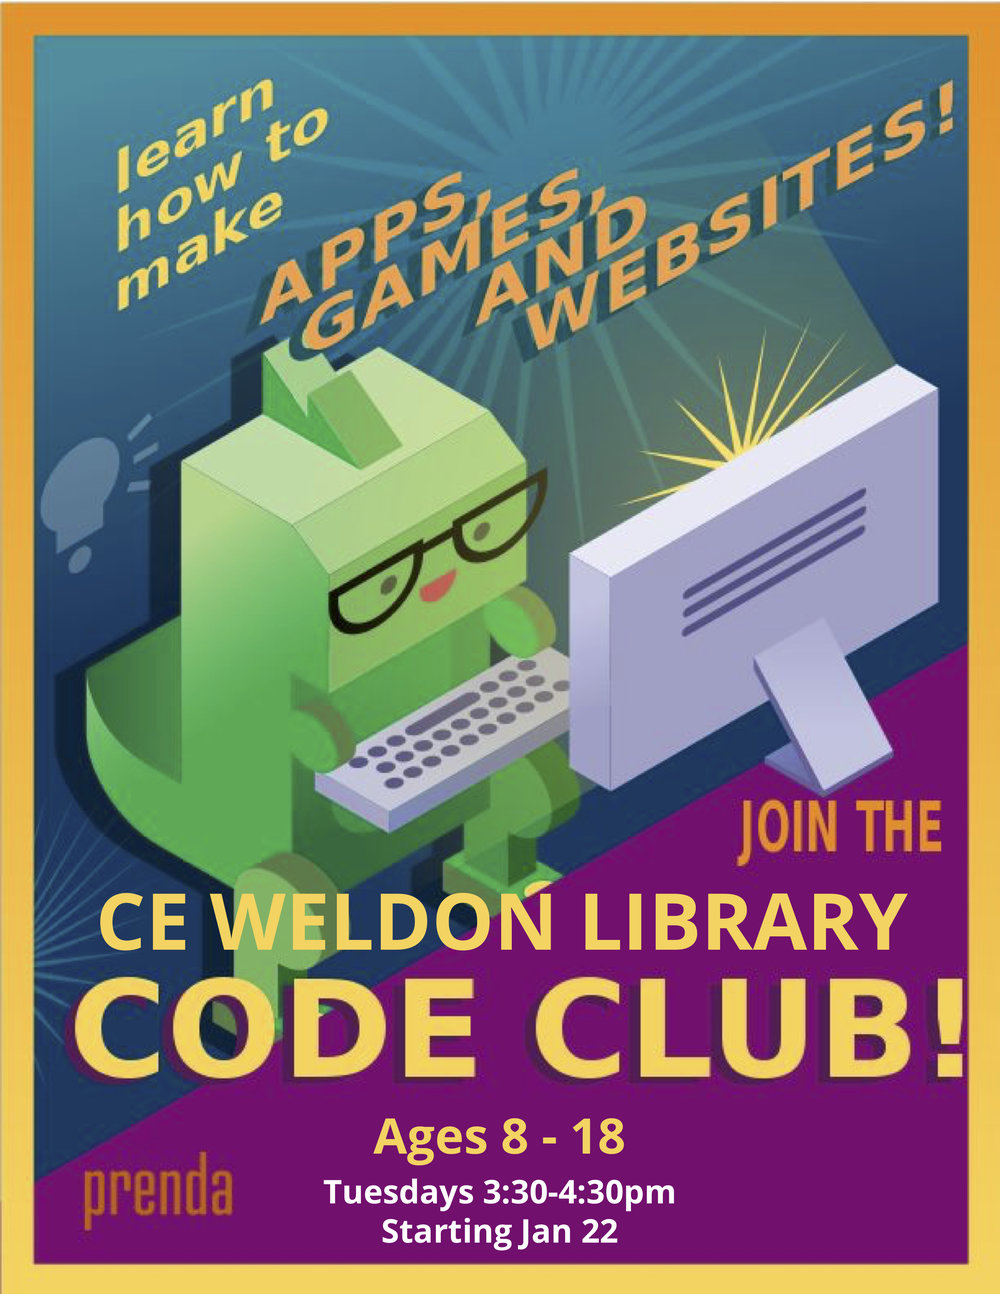 CE Weldon Code Club Poster.jpg